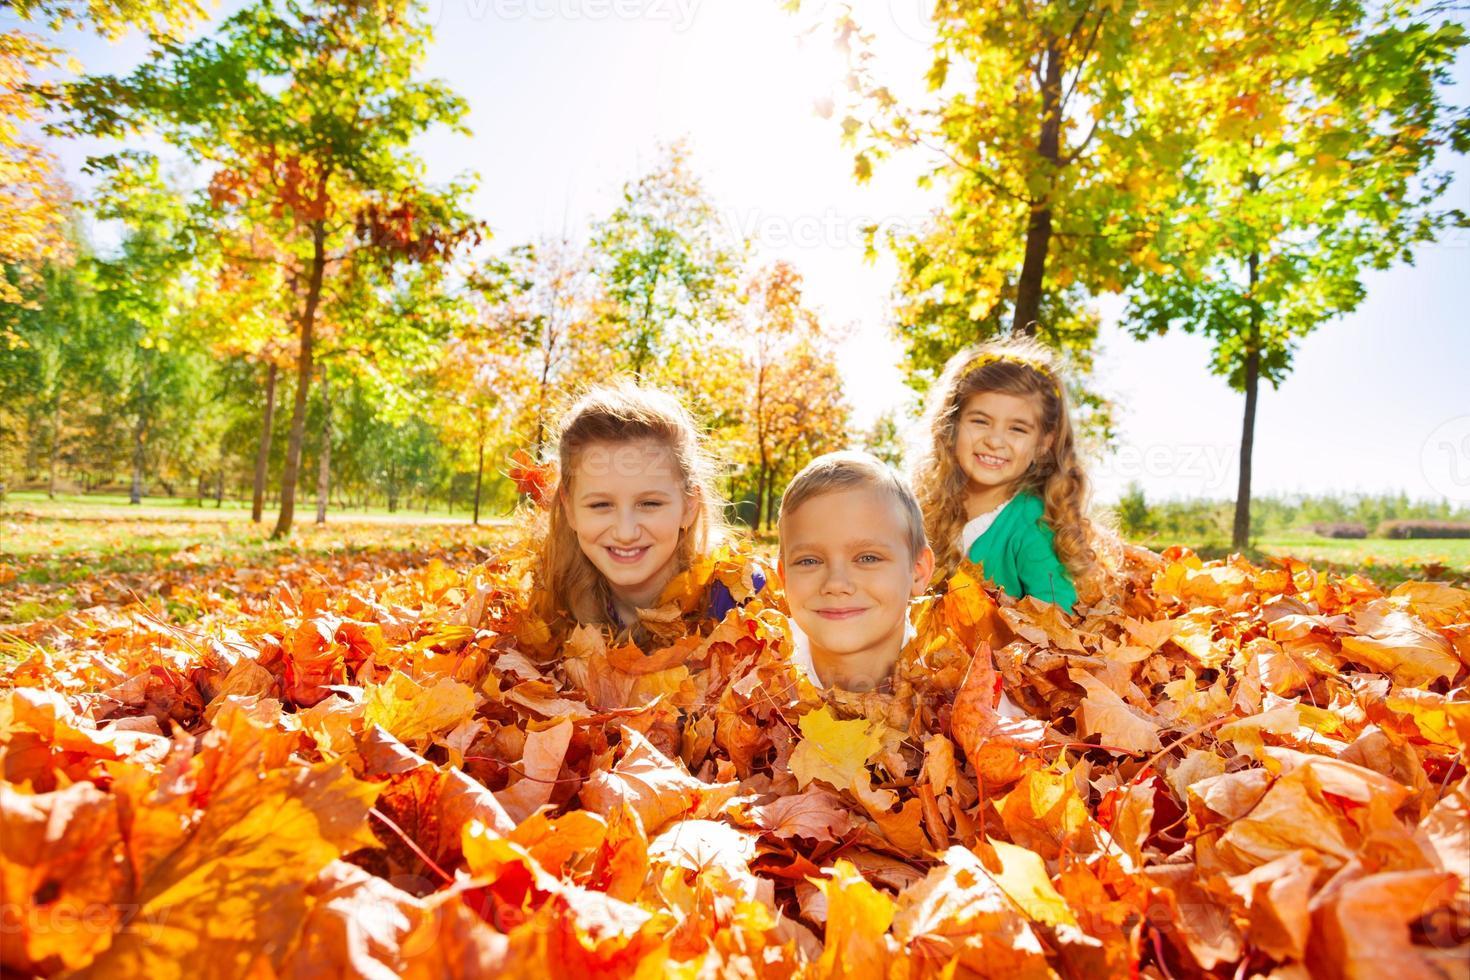 enfants s'amusant allongé sur le sol avec des feuilles photo